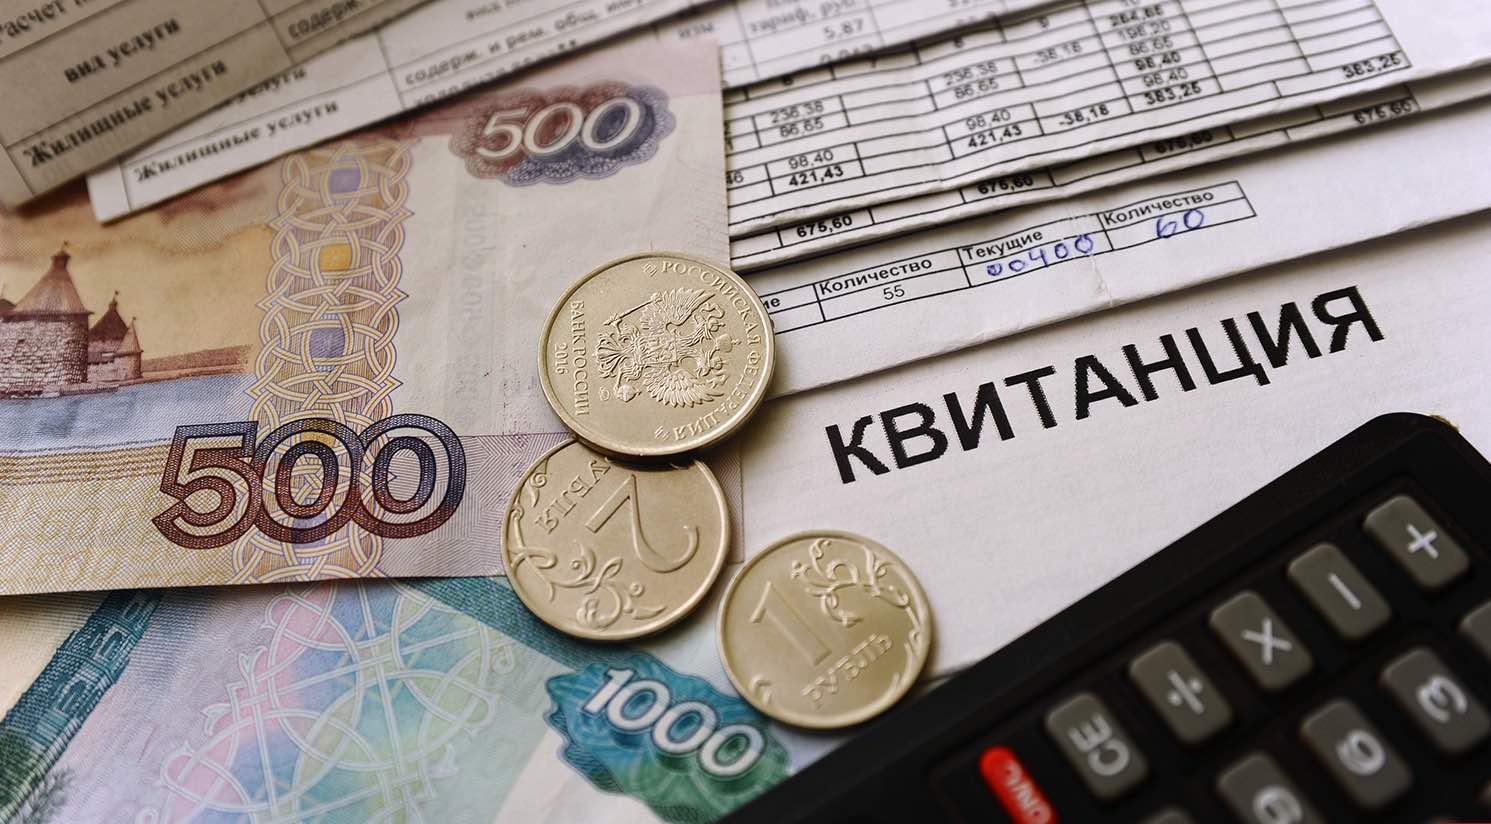 Рост тарифов на услуги ЖКХ не превысит уровень инфляции, сообщили эксперты